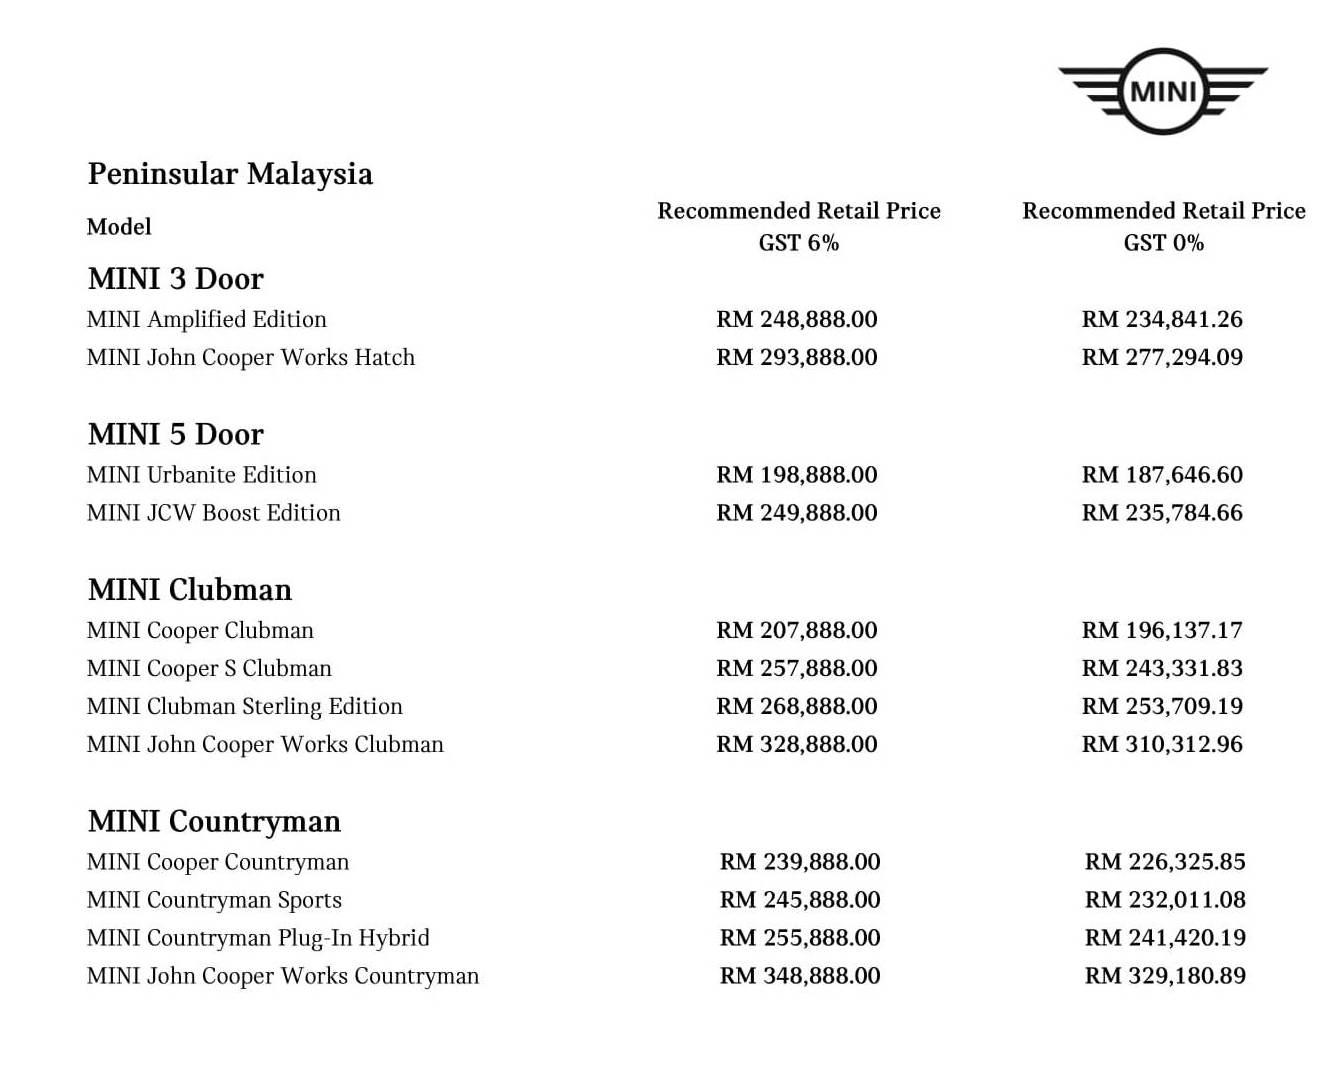 MINI - Peninsular Malaysia-1